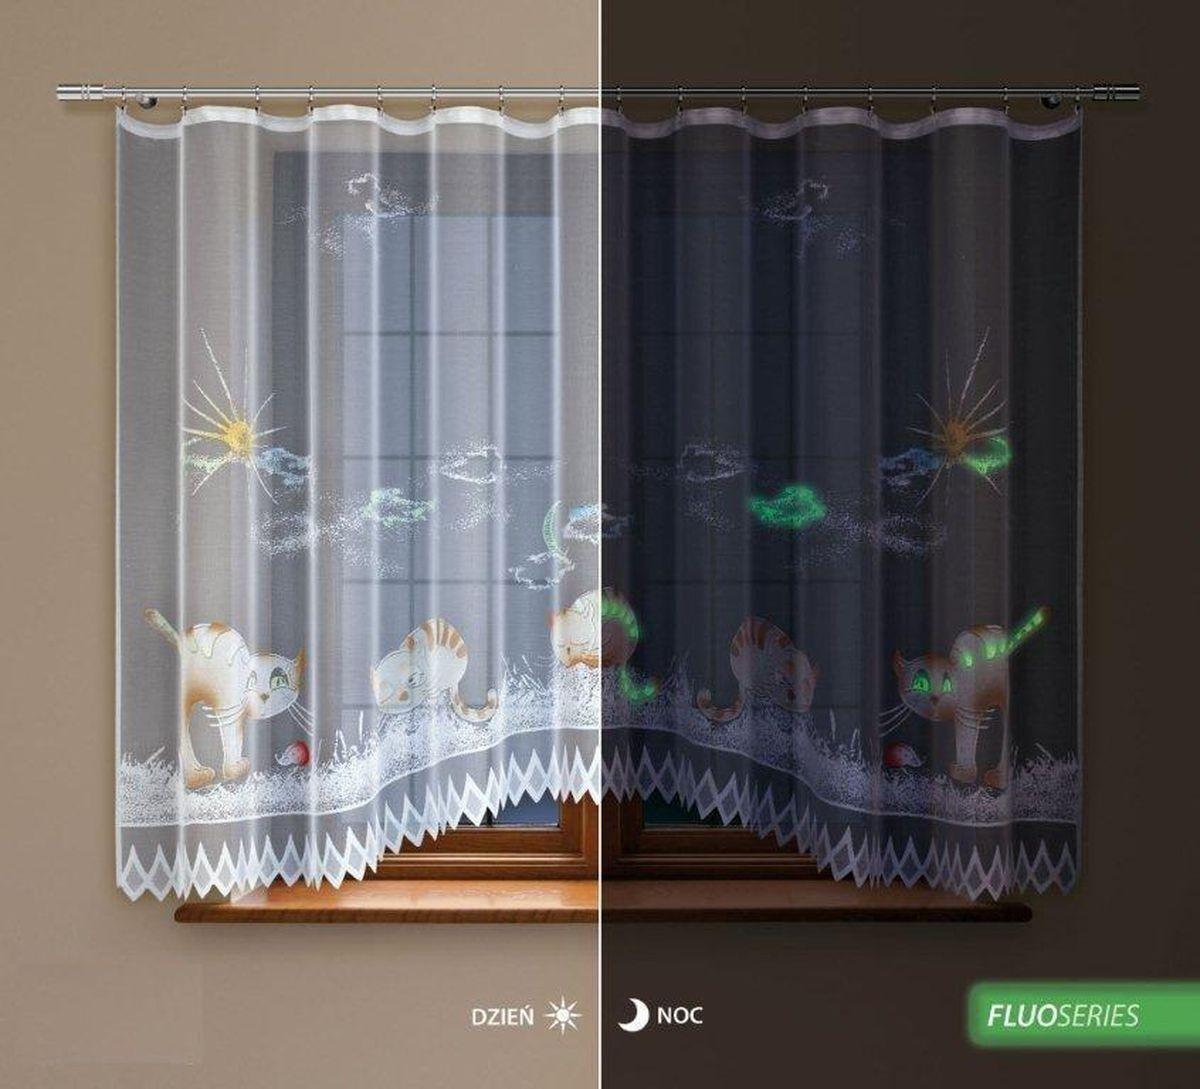 Гардина Haft Silver Line, флуоресцентная, цвет: белый, высота 160 см. 218440/160218440/160Гардина Haft Silver Line изготовлена из полиэстера. Изделие выполнено из сетчатого материала и украшено рисунком ручной раскраски, который светится ночью. Оригинальный дизайн и приятная цветовая гамма привлекут к себе внимание и органично впишутся в интерьер кухни. Оригинальное оформление гардины внесет разнообразие и подарит заряд положительного настроения. Гардина оснащена шторной лентой для красивой сборки.Размер гардины: 300 см х 160 см. Главный ассортимент компании Haft - это тюль и занавески. Haft предлагает готовые решения для ваших окон, выпуская готовые наборы штор, которые остается только распаковать и повесить. Модельный ряд отличает оригинальный дизайн, высокое качество. Занавески, шторы, гардины Haft долговечны, прочны, практически не сминаемы, они не притягивают пыль и за ними легко ухаживать. Вся продукция бренда Haft выполнена на современном оборудовании из лучших материалов.